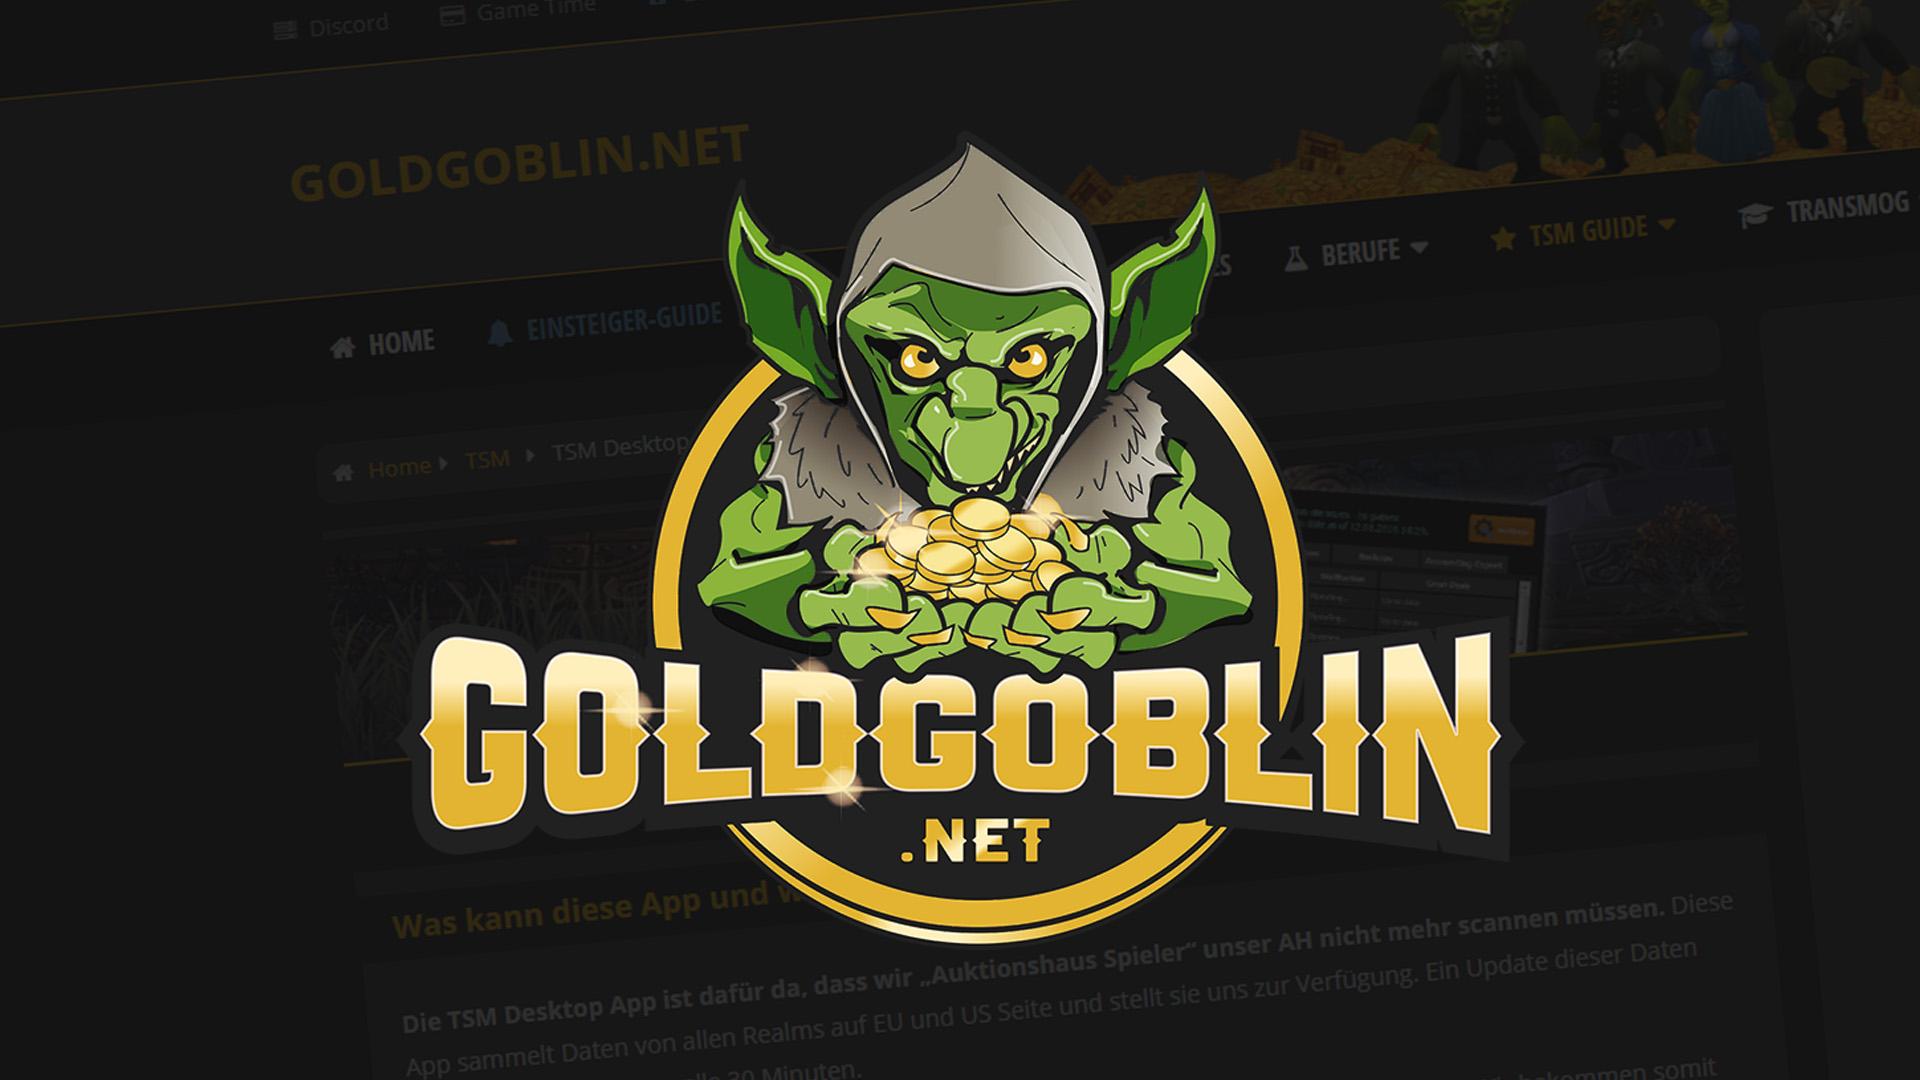 Allianz Gold Quelle Bienen Reittier Goldgoblin Net